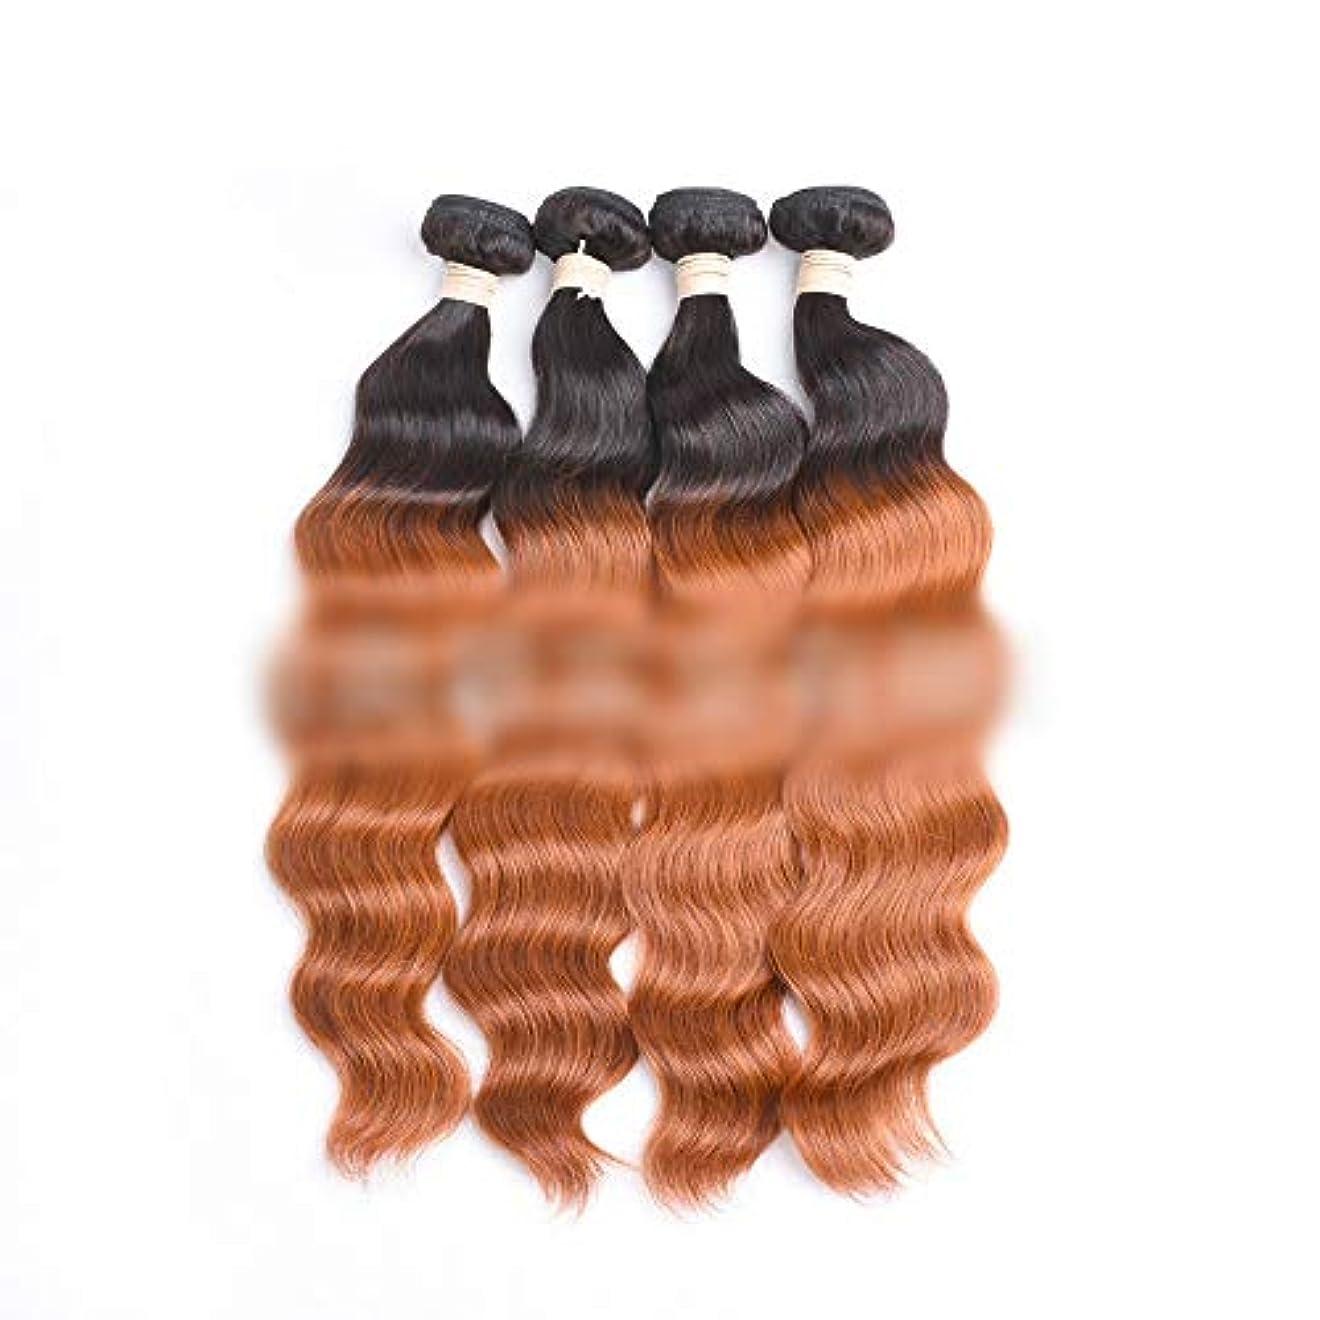 傾向があるそのような驚くべきWASAIO #30明るいブラウン色 - ハロウィンヘアアクセサリーウィッグは女性1つのバンドル未処理の人毛エクステンション用キャップ (色 : ブラウン, サイズ : 20 inch)